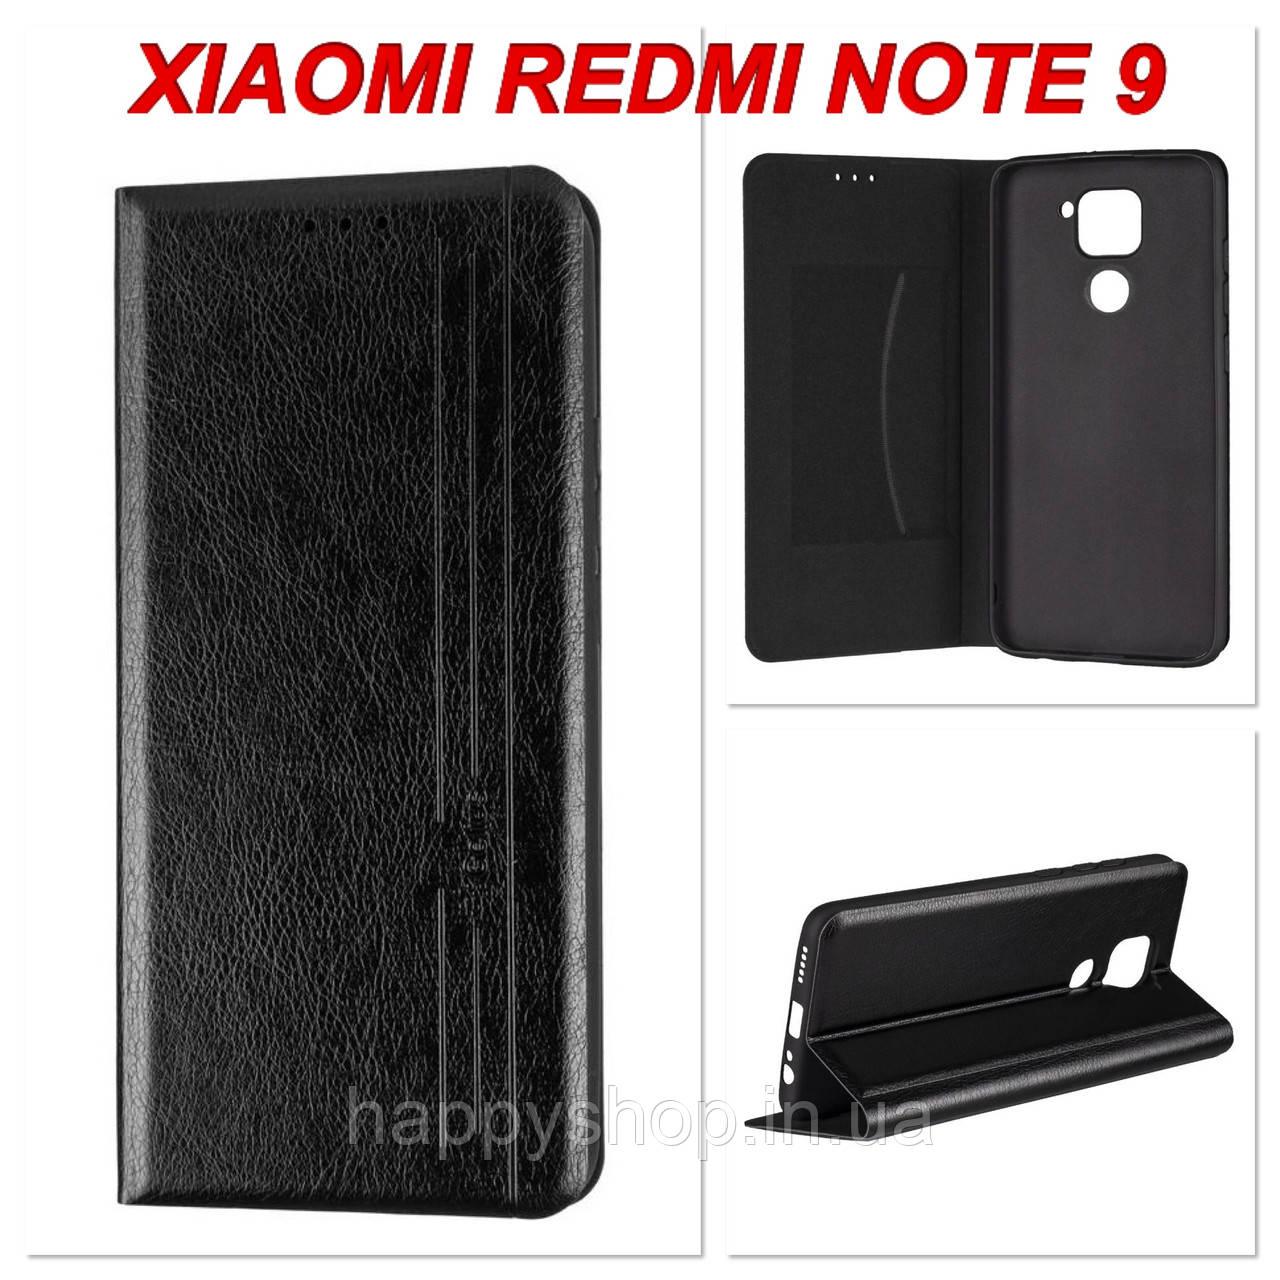 Чехол-книжка Gelius Leather New для Xiaomi Redmi Note 9 (Черный)